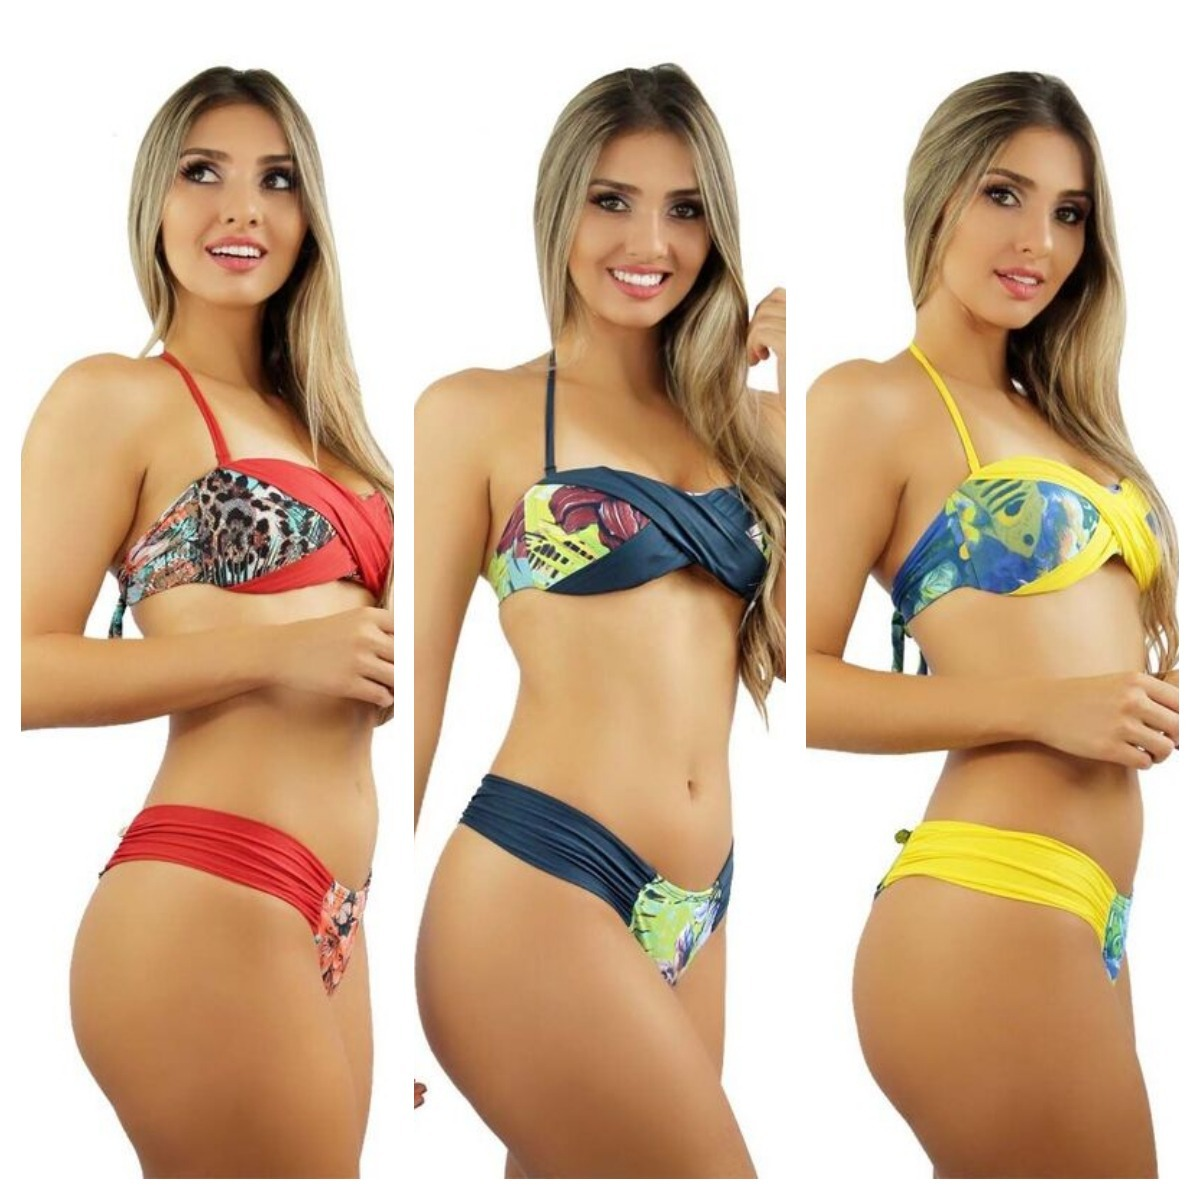 0f18874f1b31 Biquinis Cropped Bojo Etnico Moda Praia Biquinis Barato L2